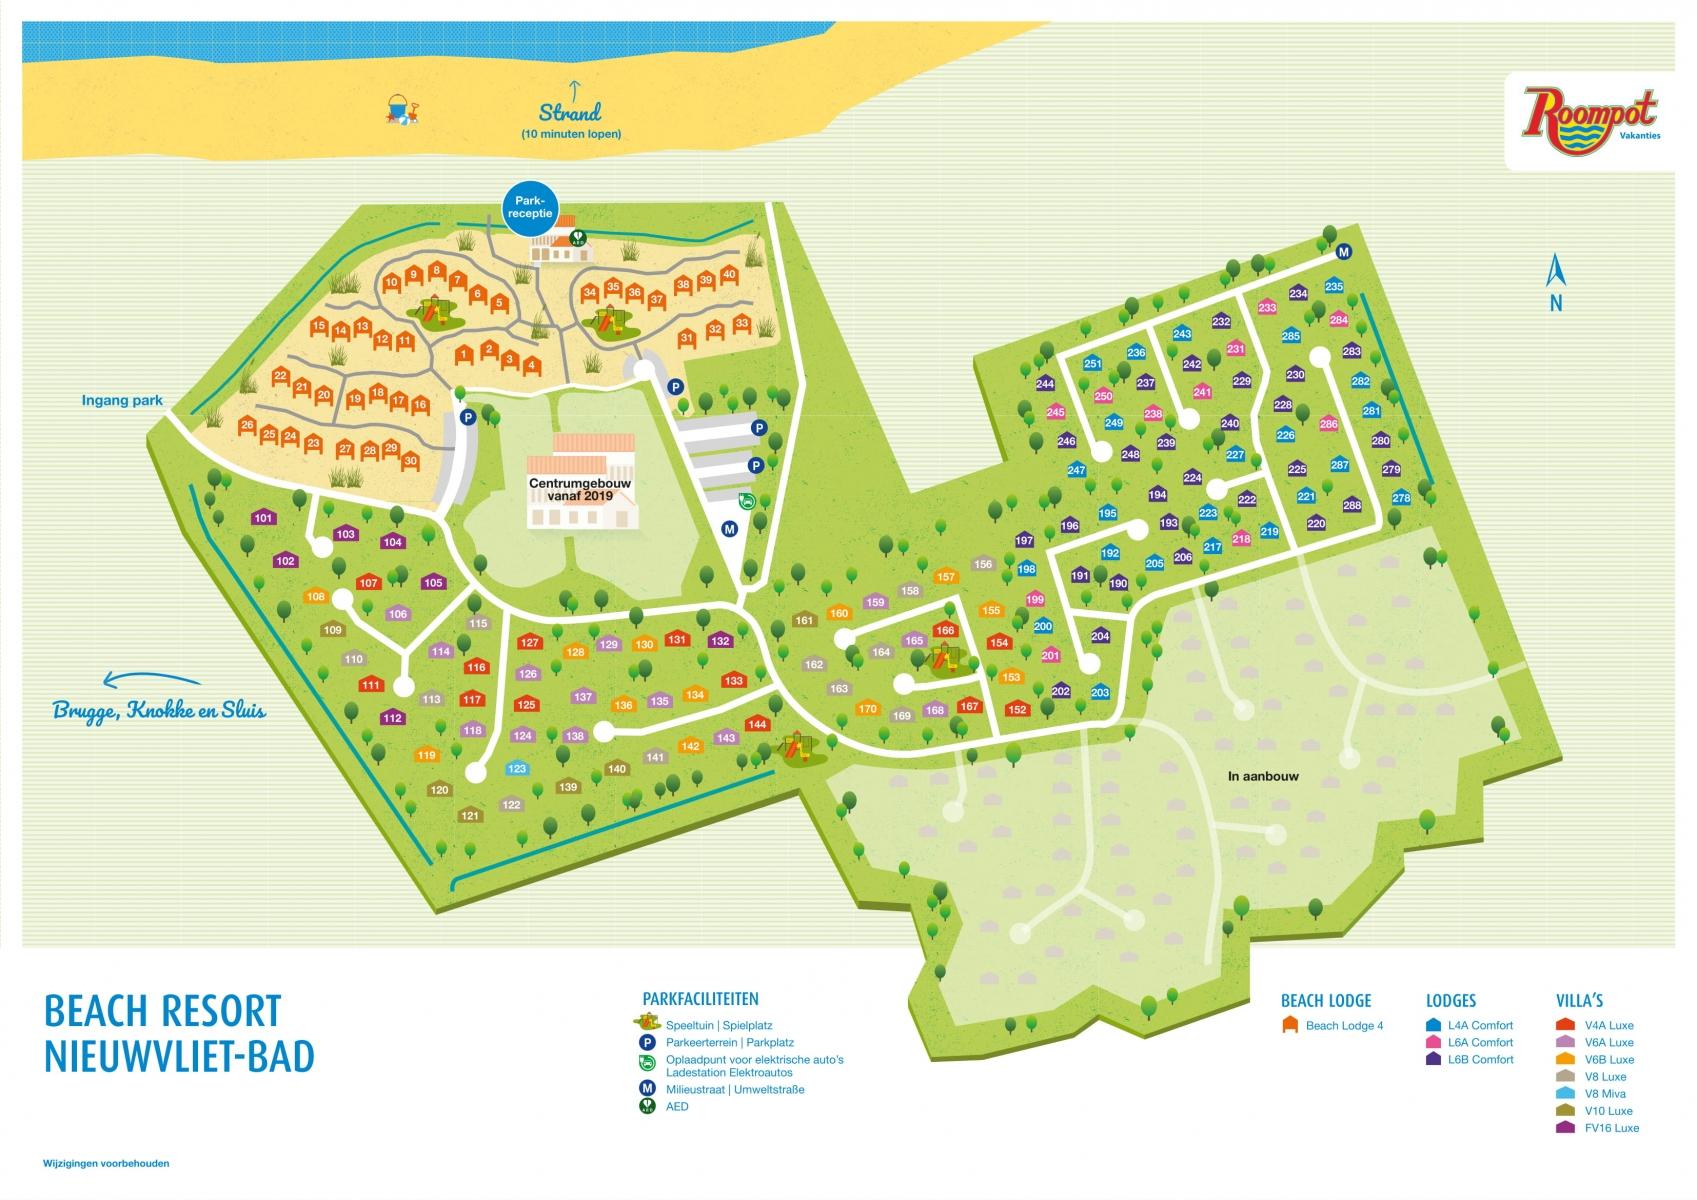 Roompot Beach Resort Nieuwvliet-Bad